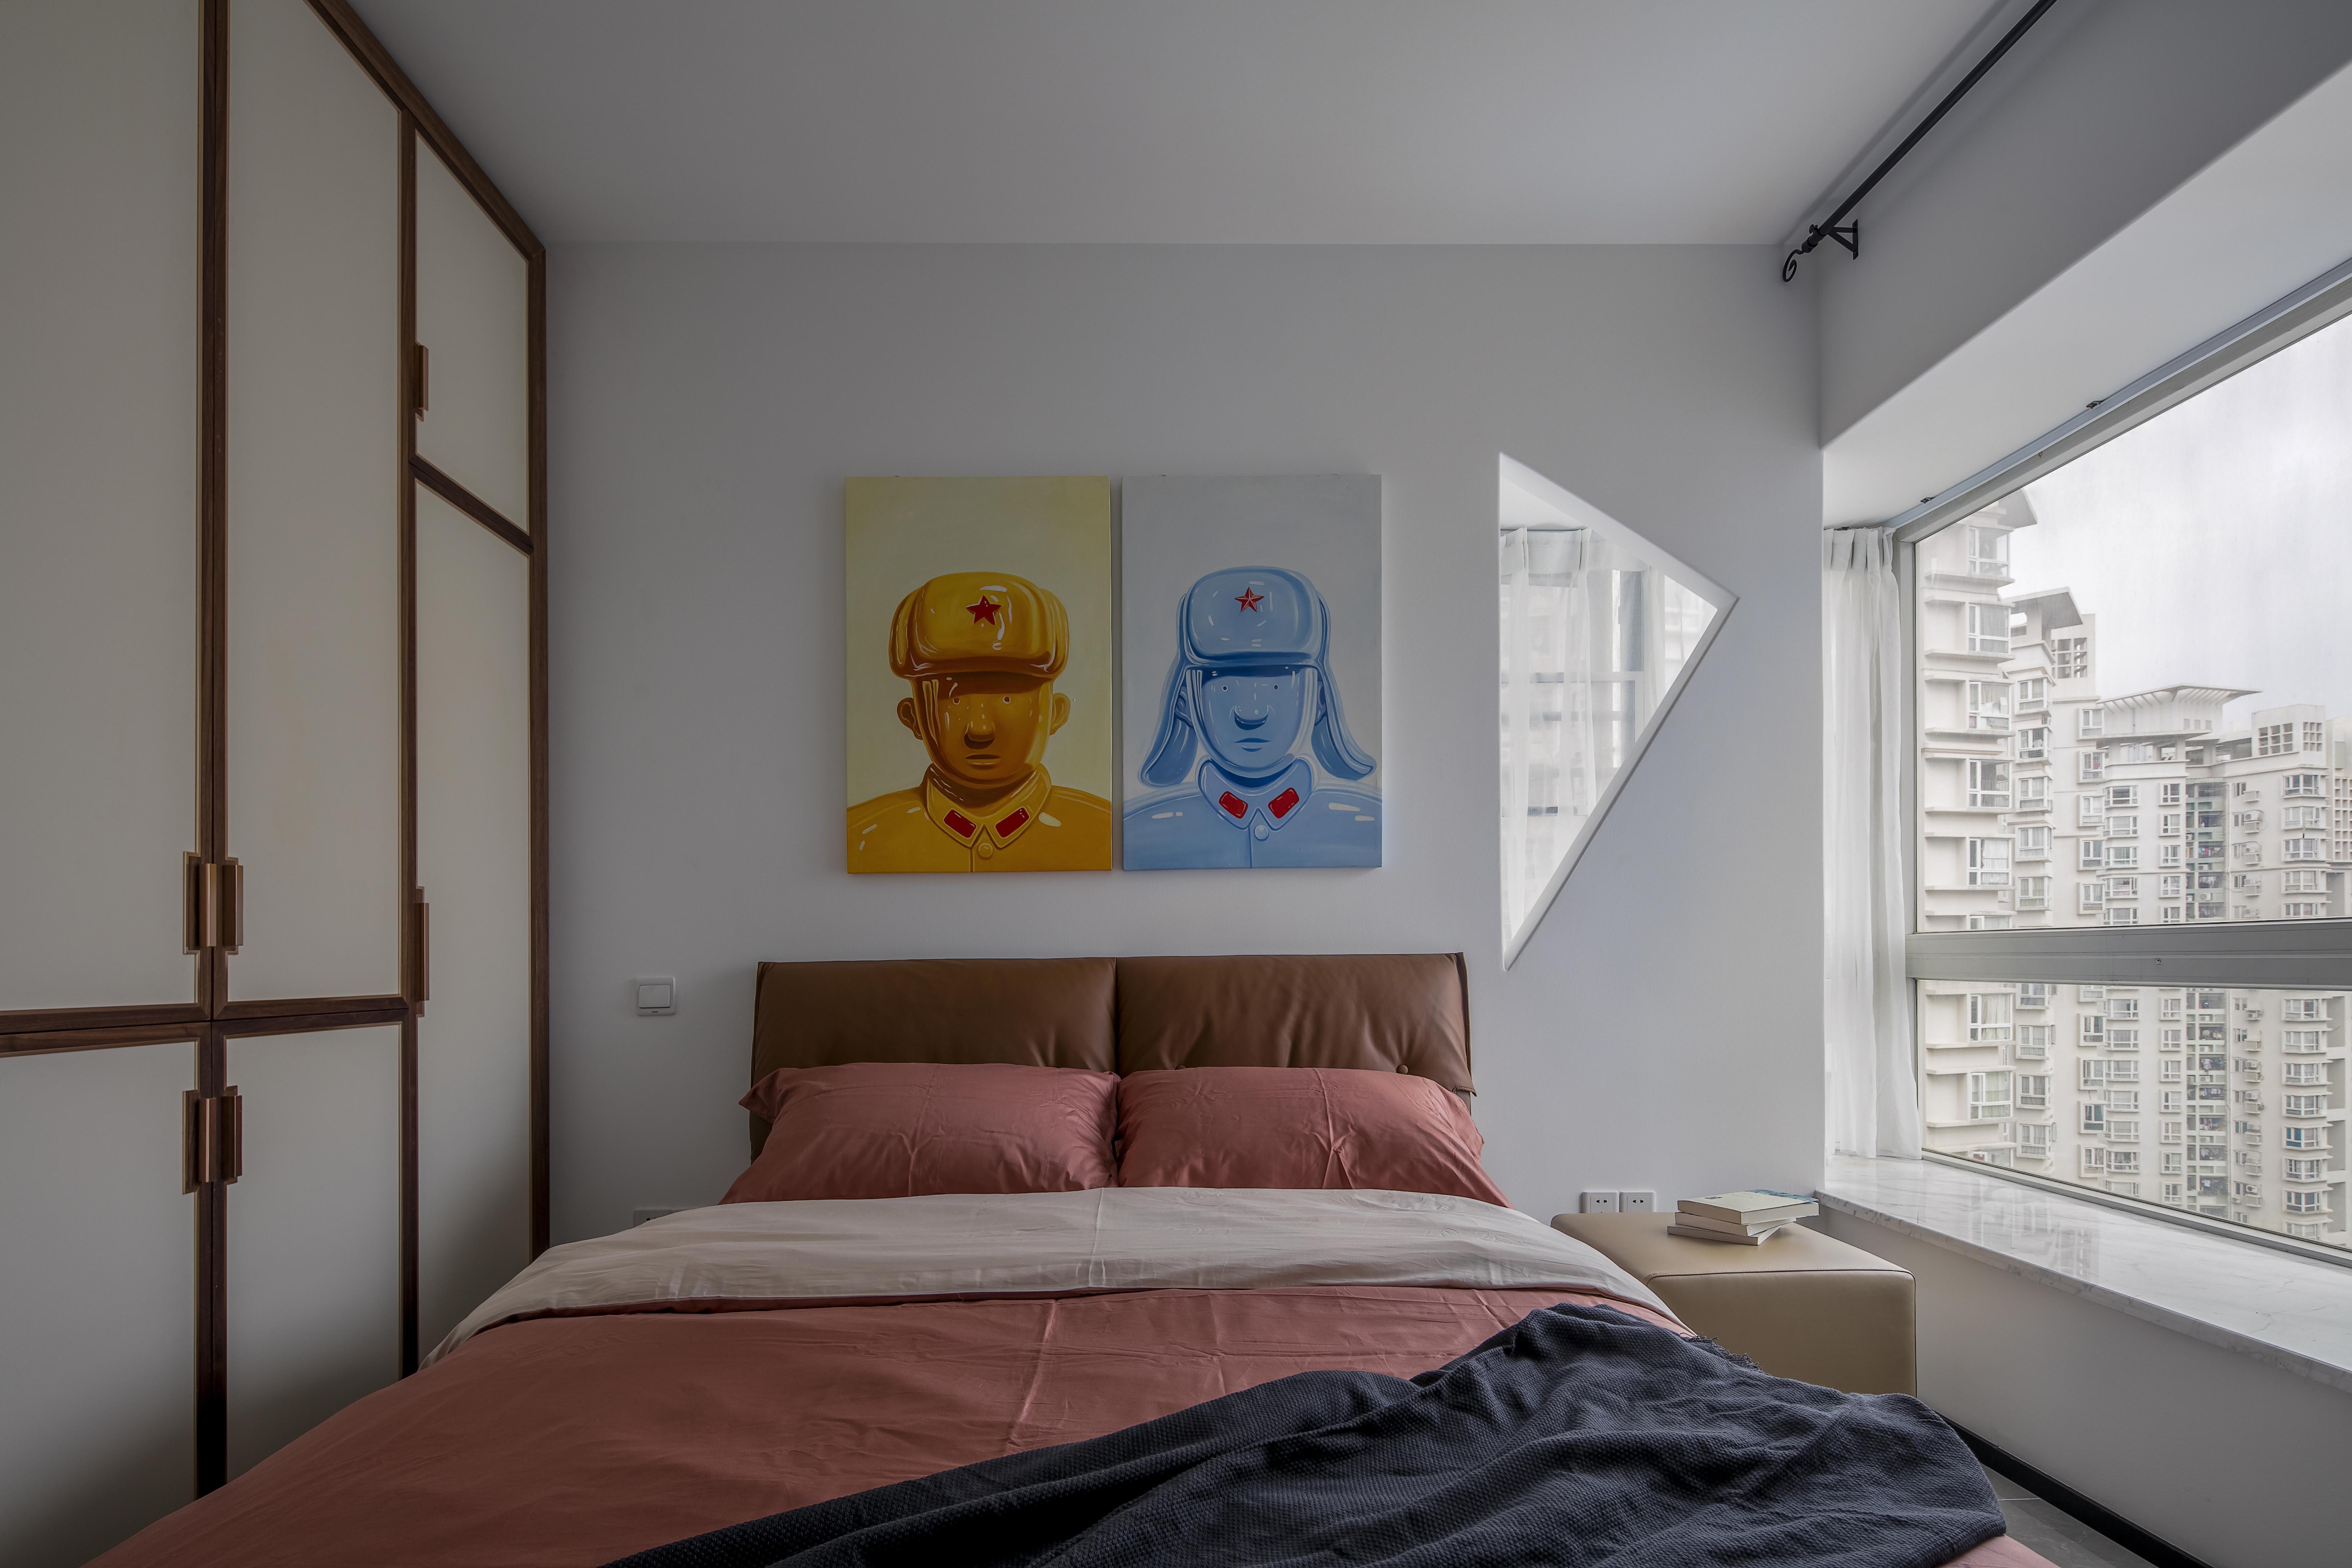 简约 混搭 小资 卧室图片来自盒子设计在英雄的分享